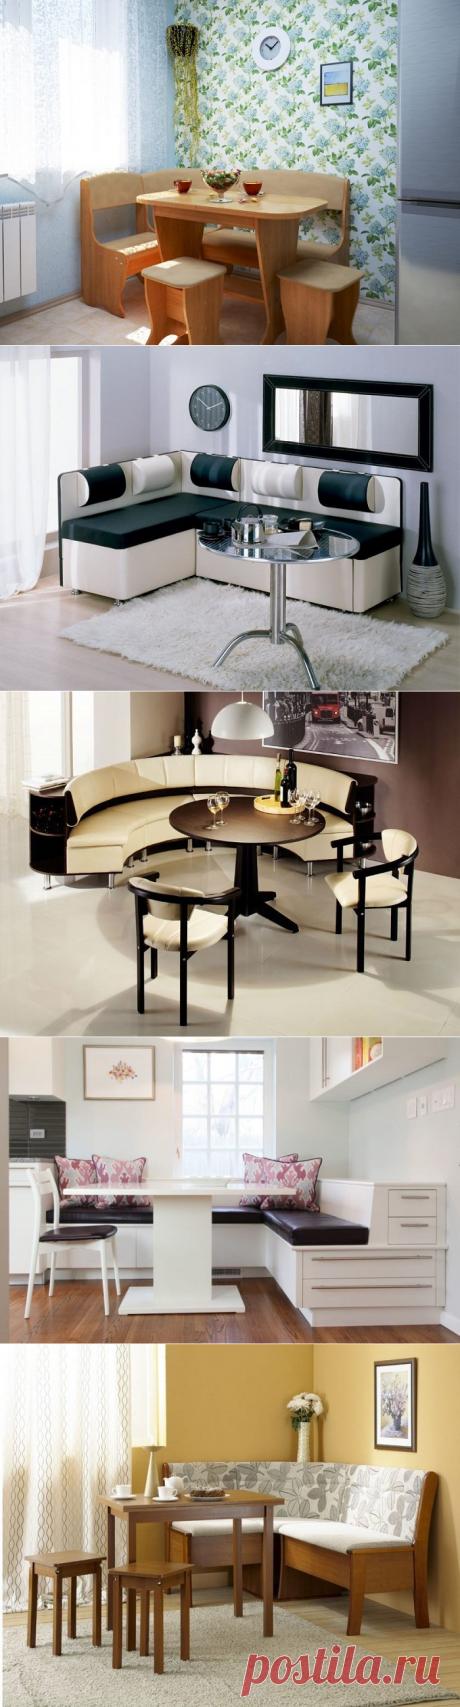 16 идей дизайна многофункциональных кухонных уголков для уюта и удобства